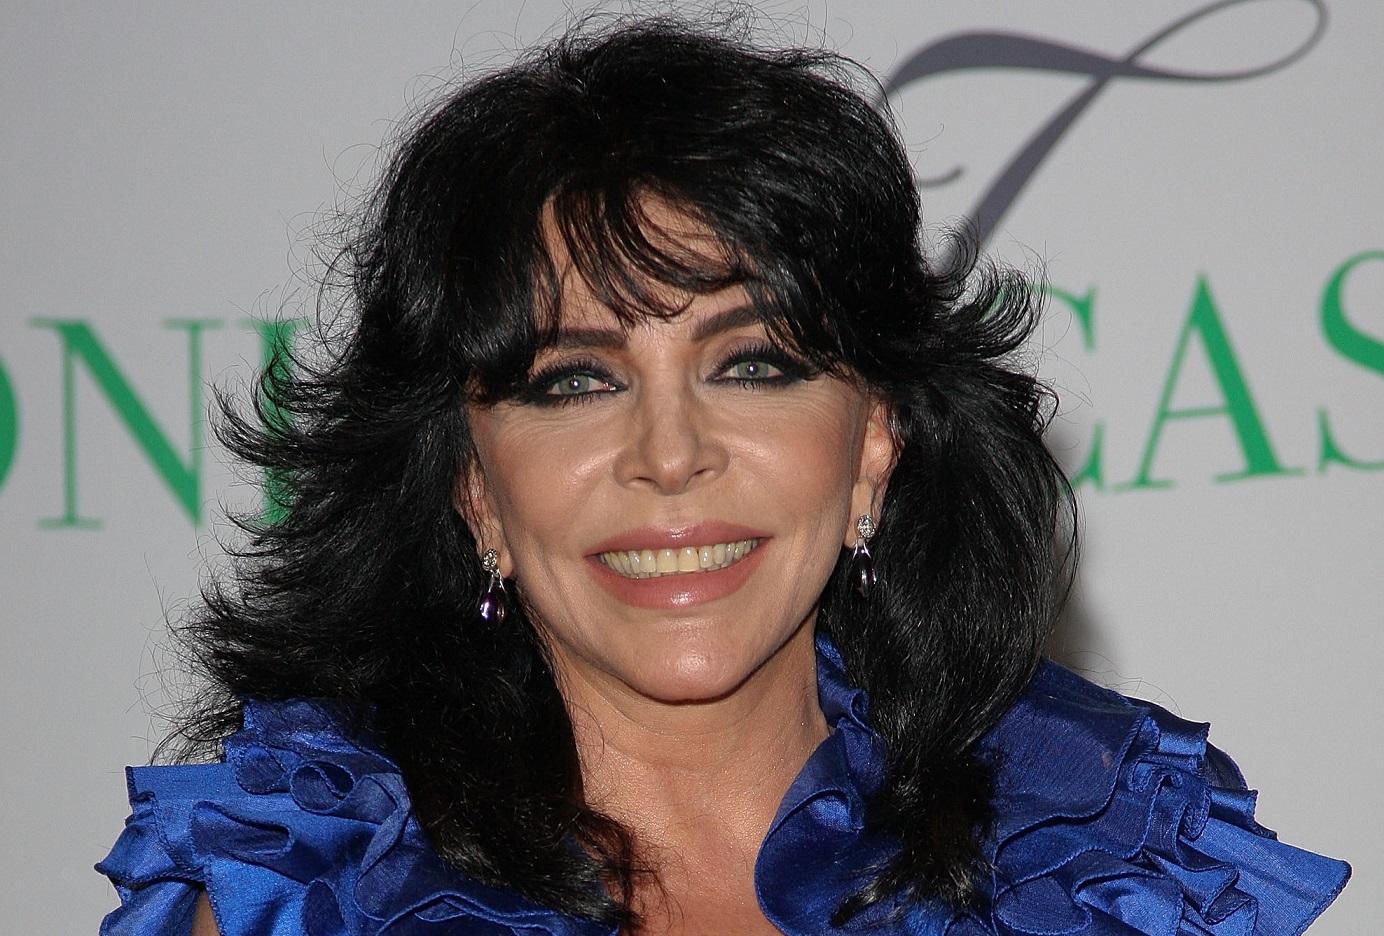 Verónica Castro reapareció en redes y sorprendió a sus fans por su aspecto físico